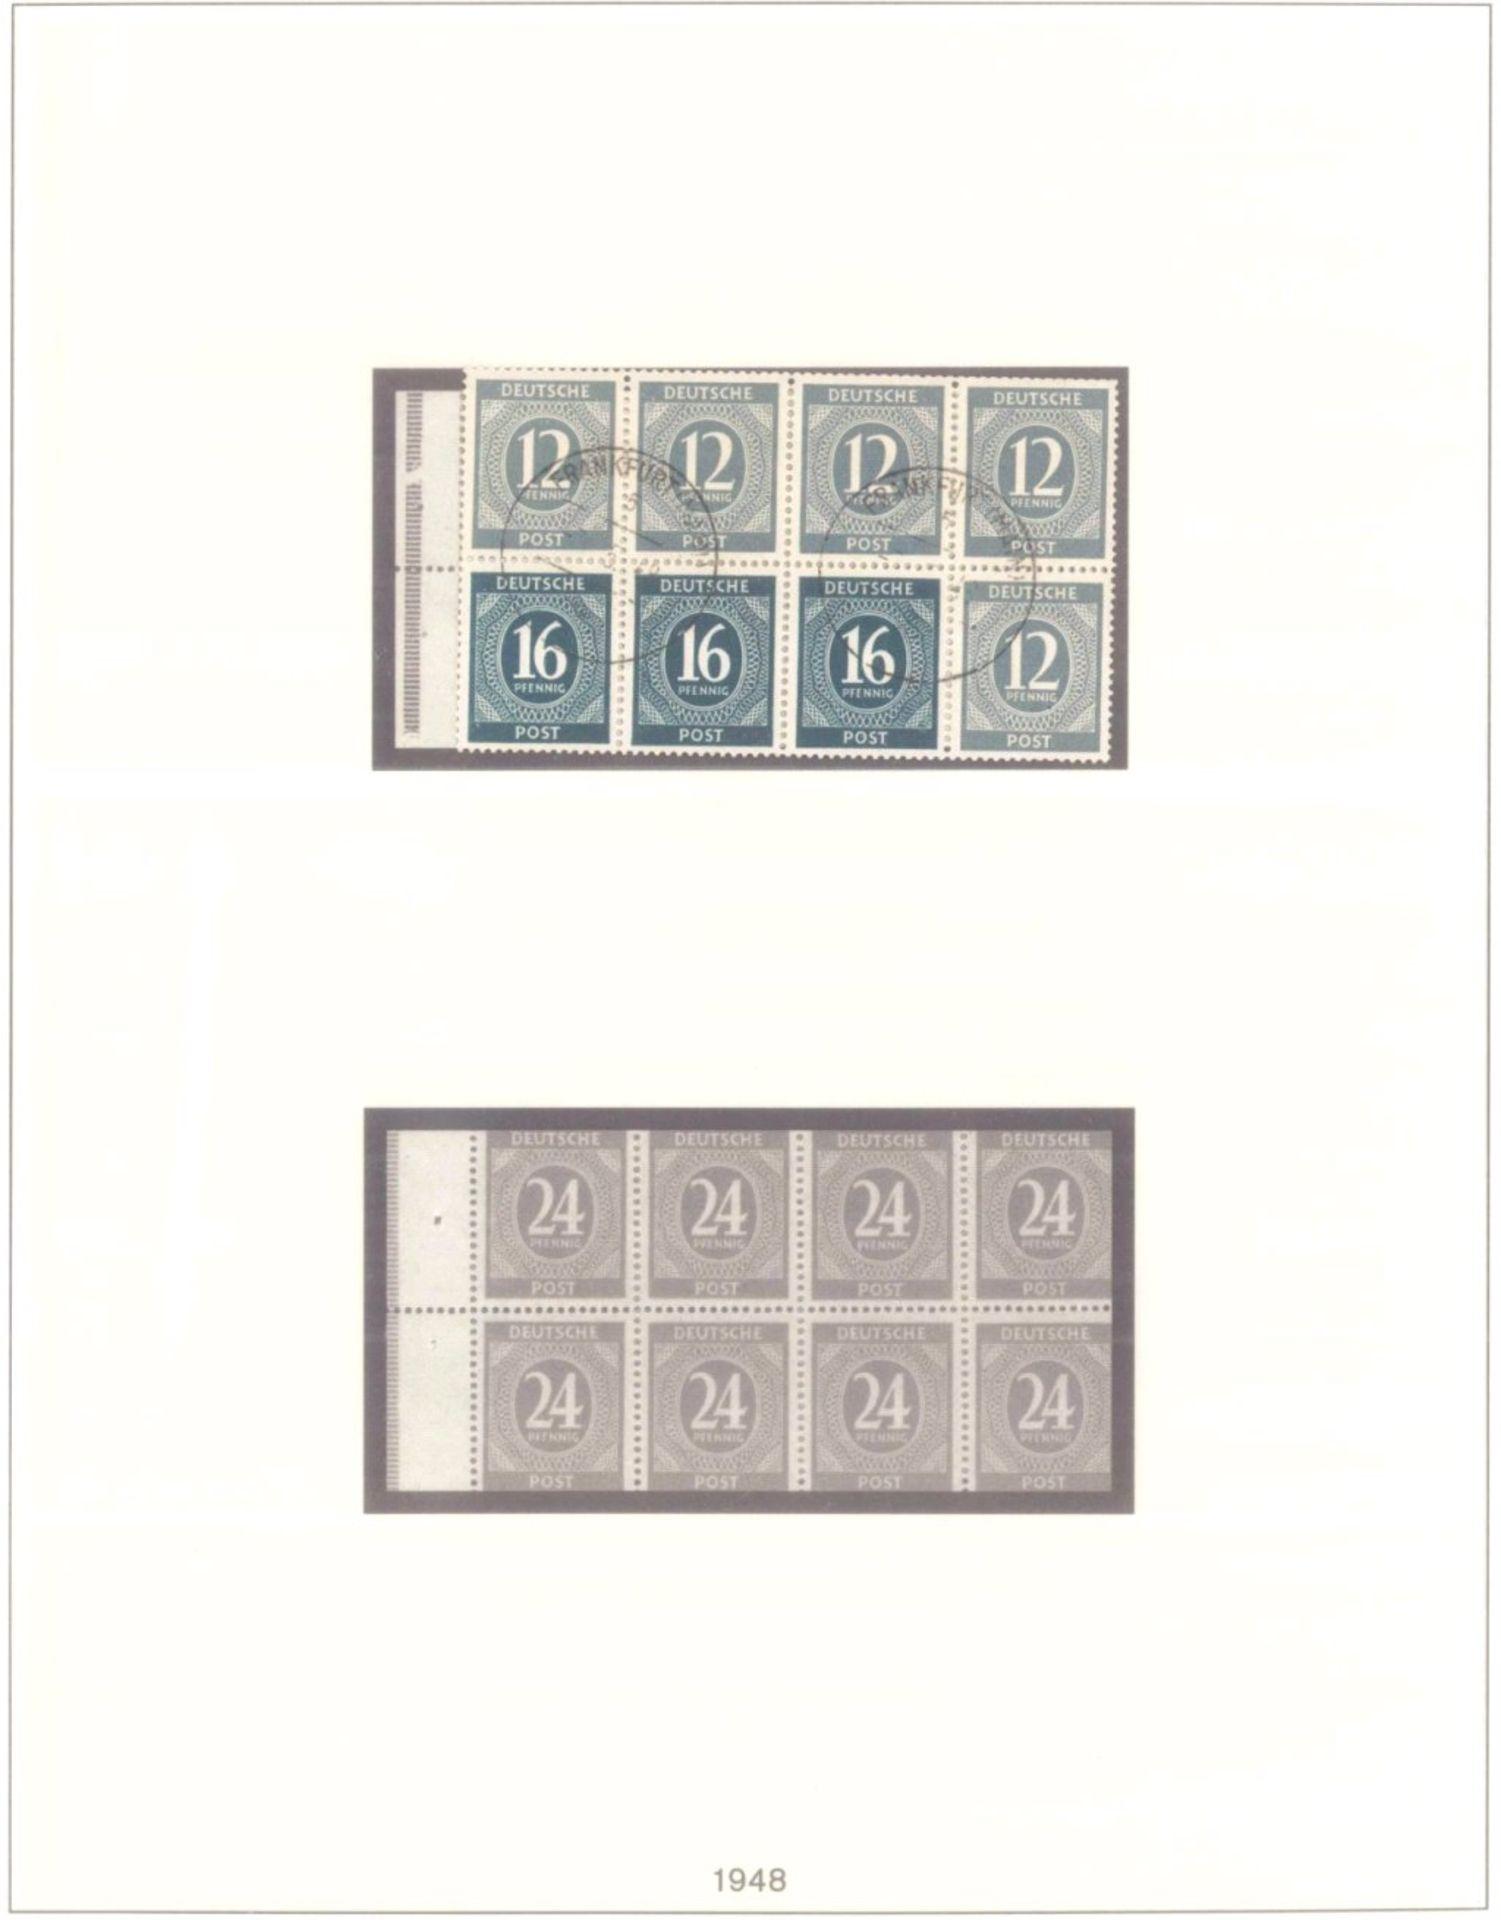 Sammlung Alliierte BesetzungAmerikanische und Britische Zone, AM Post (auch hohe Werte),sowie - Bild 12 aus 12